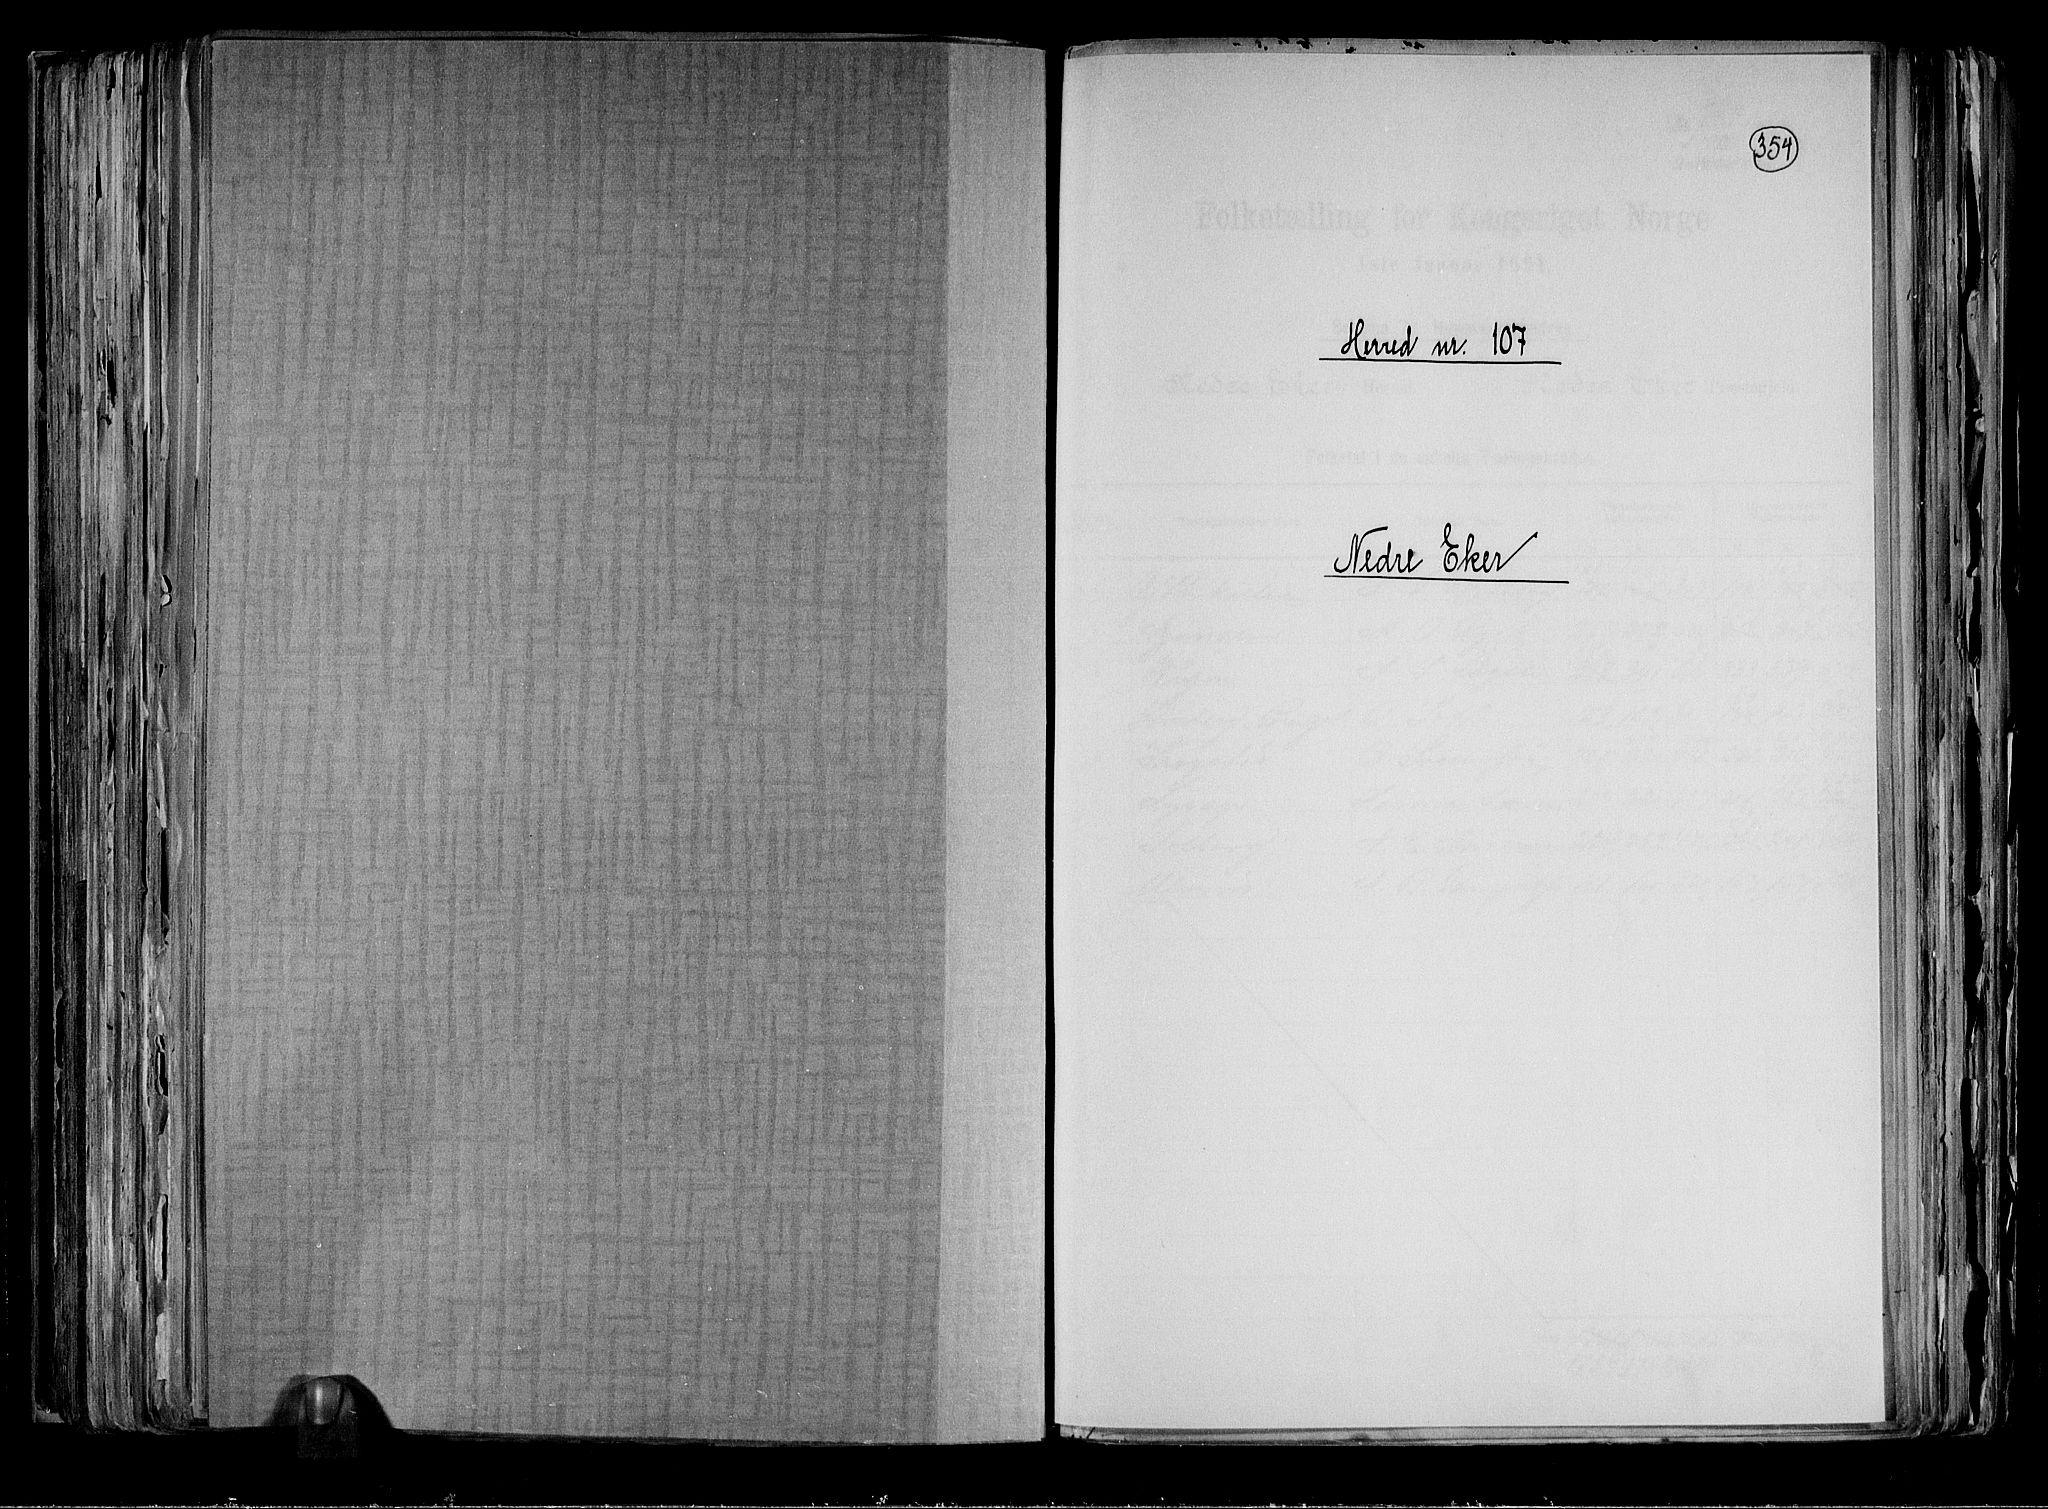 RA, Folketelling 1891 for 0625 Nedre Eiker herred, 1891, s. 1